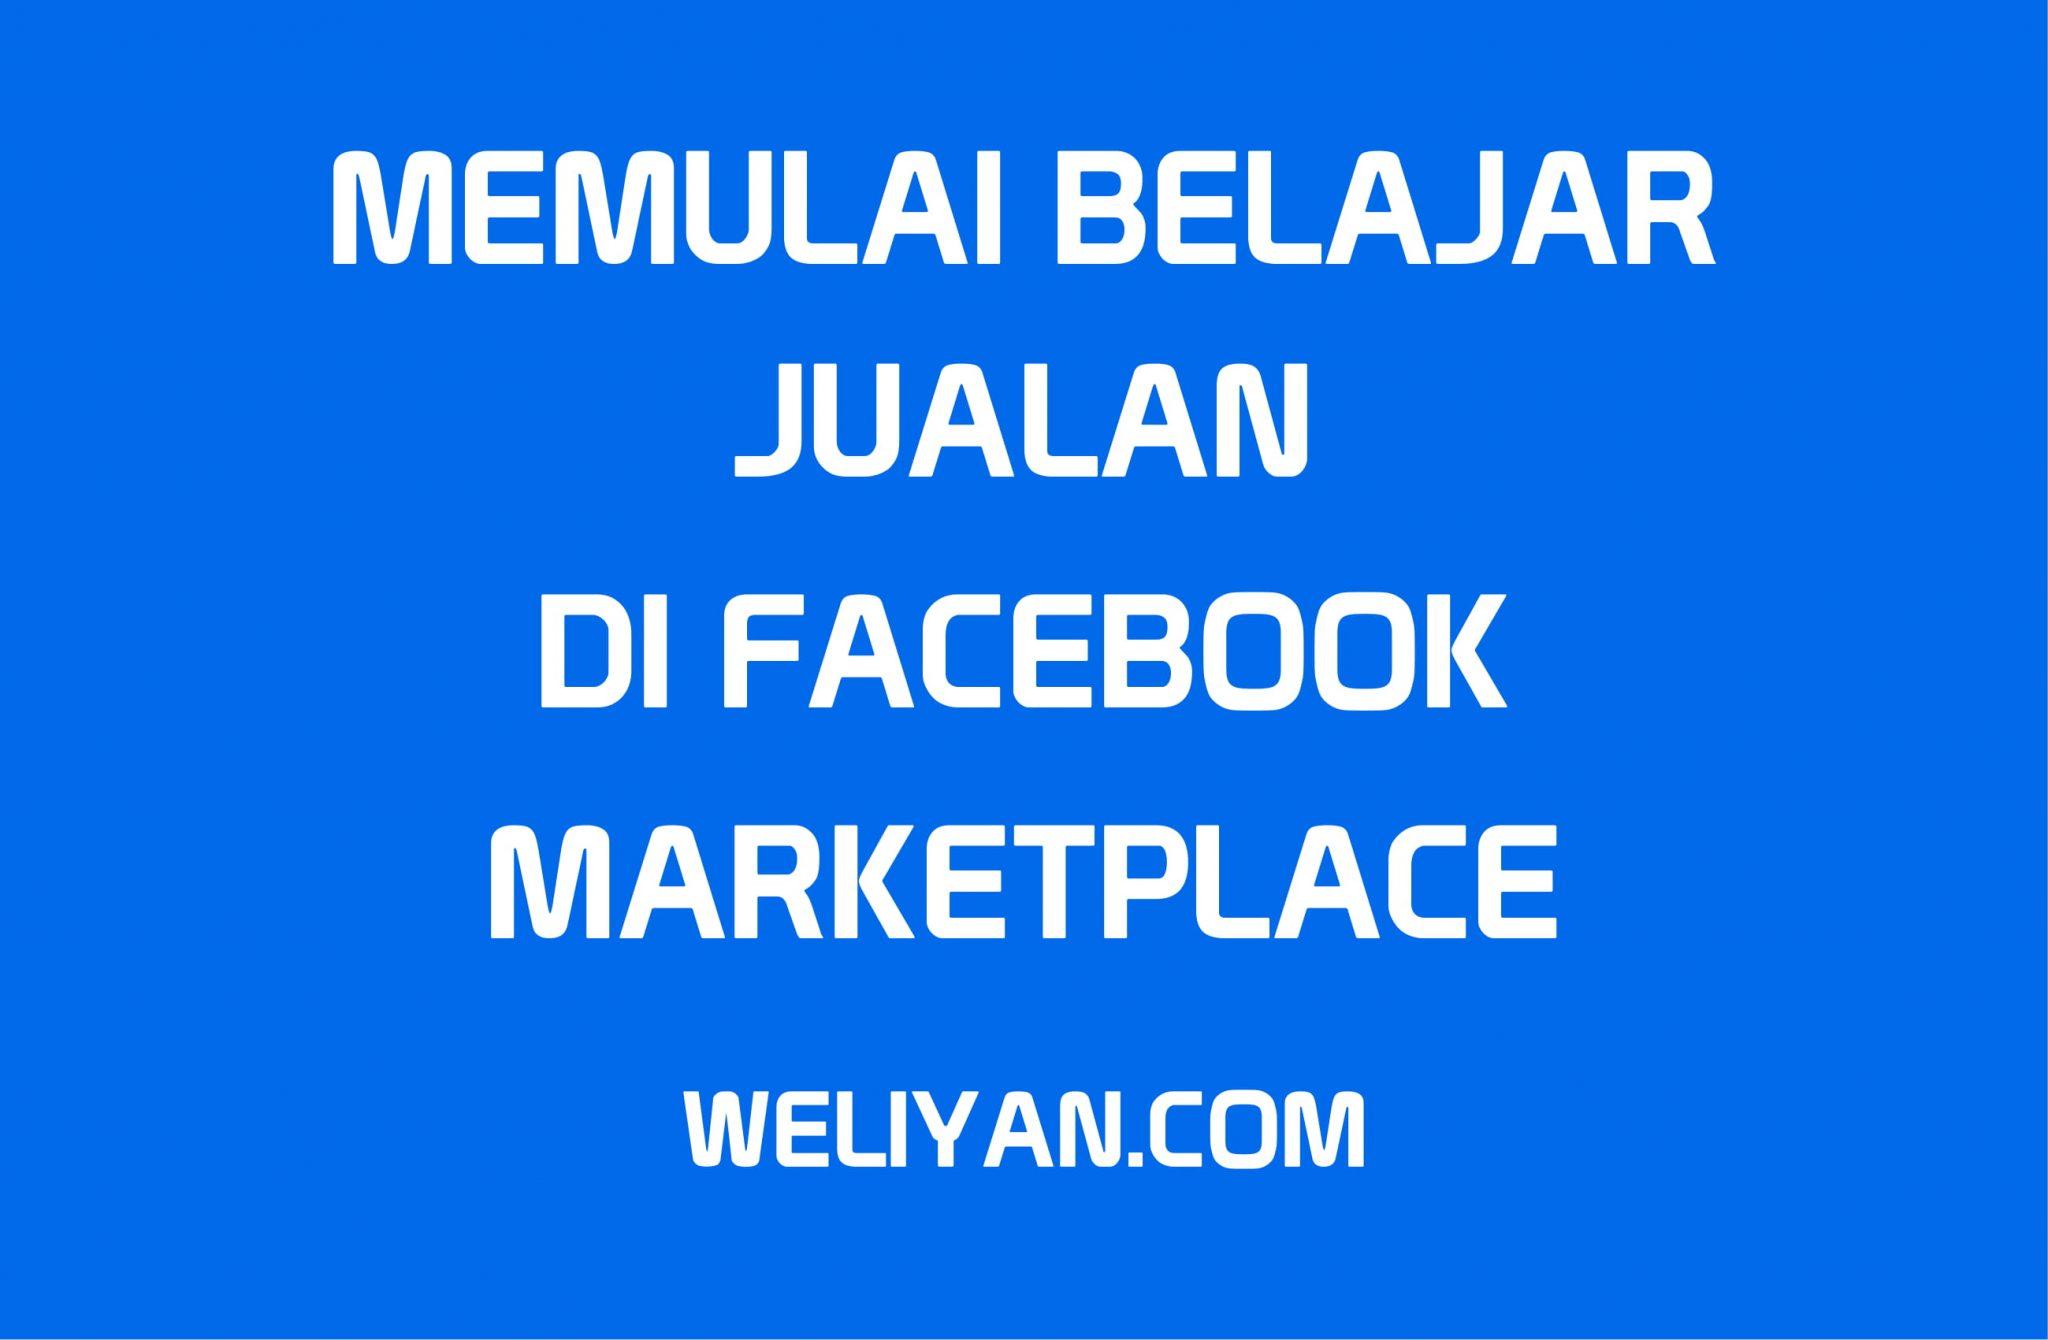 Mulailah Dari Sekarang! Belajar Jualan Di Marketplace ...